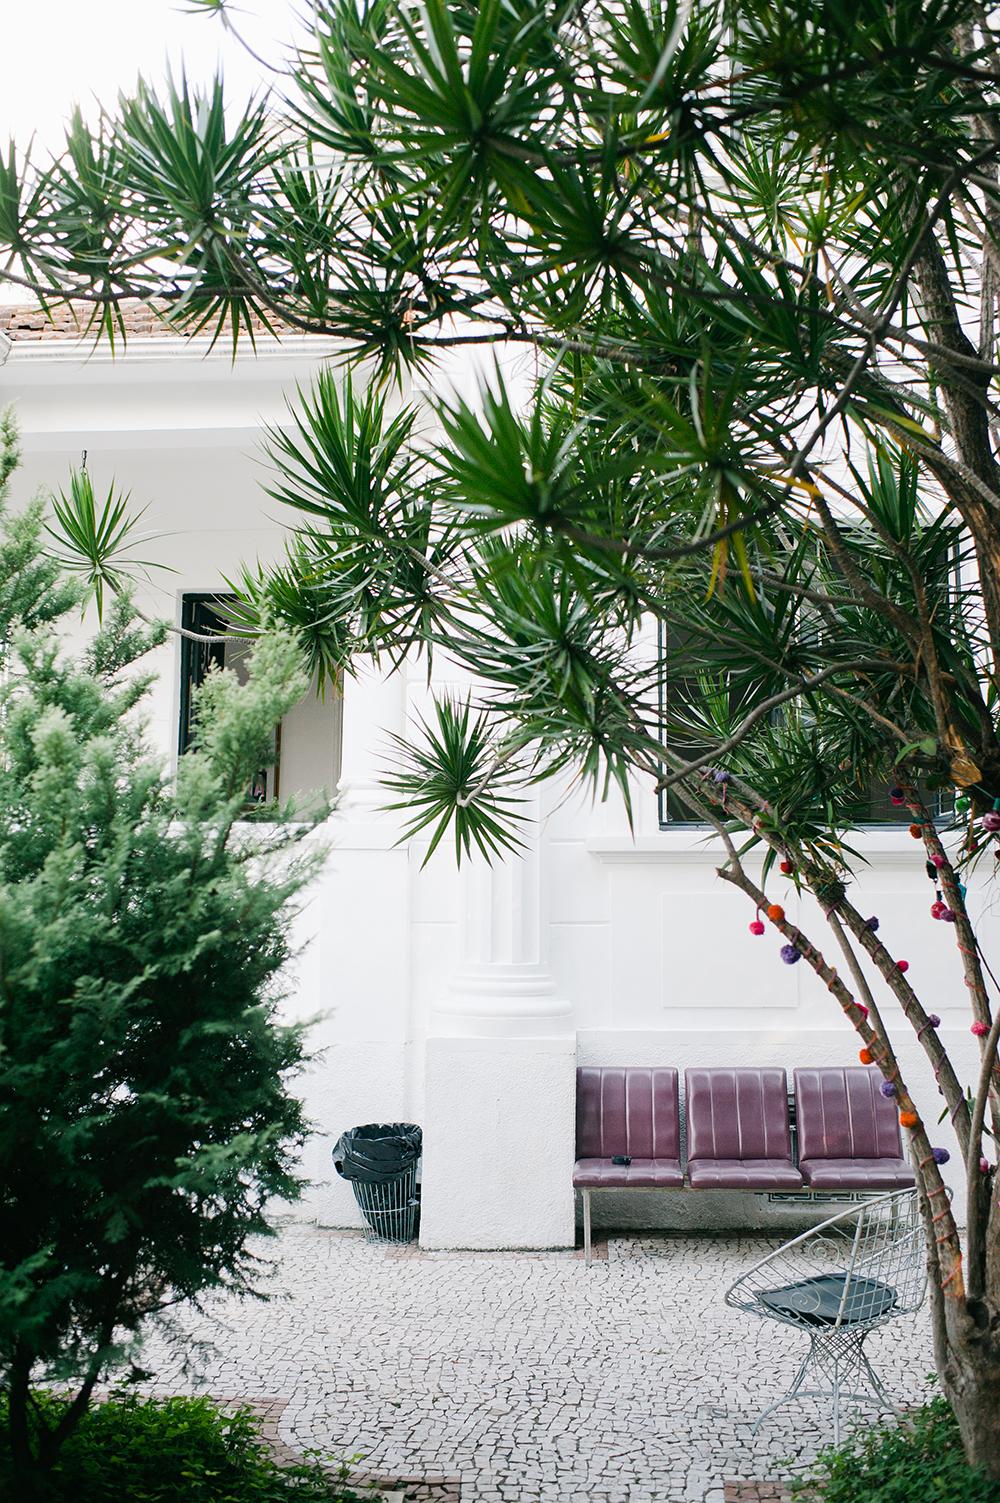 hostel-sao-paulo-jardim1